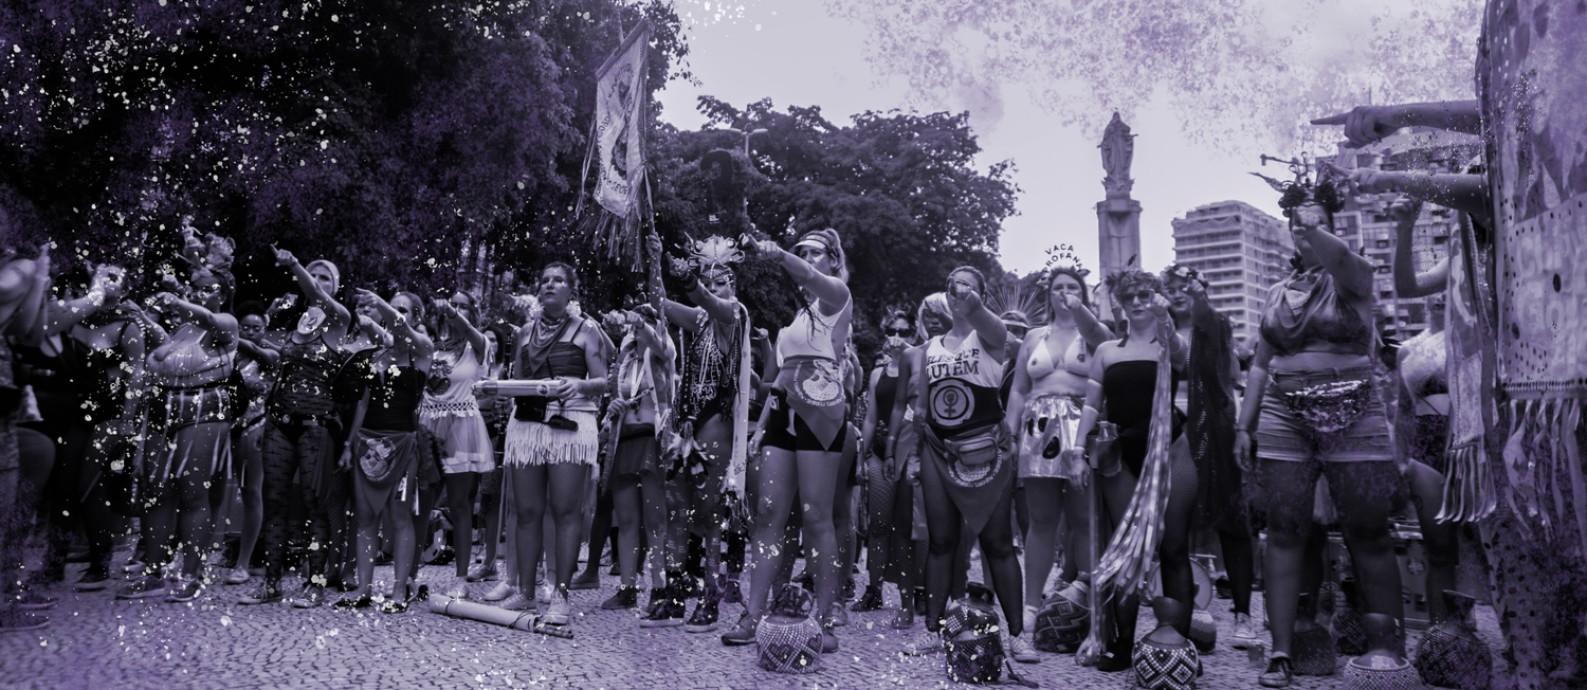 Bloco Mulheres Rodadas desfila desde 2015 trazendo pautas feministas para o carnaval Foto: Maria Isabel Oliveira / Agência O Globo